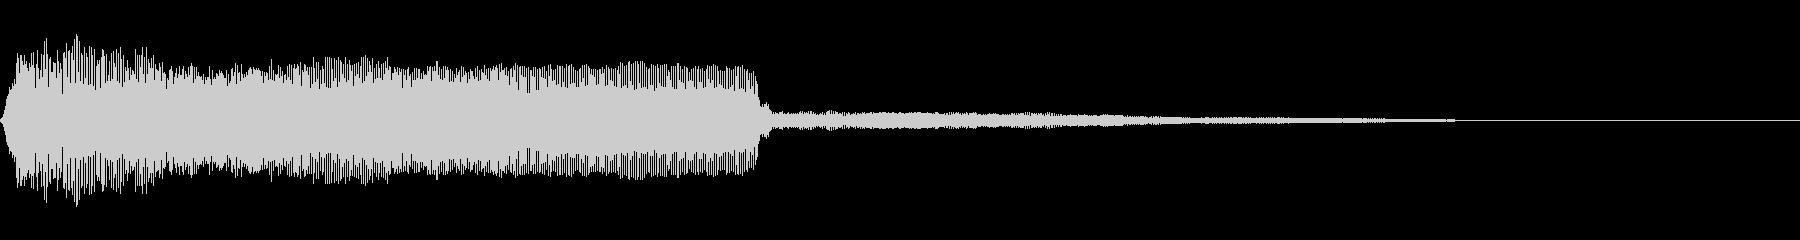 レゲエやDJで使われるラッパ音ver5の未再生の波形